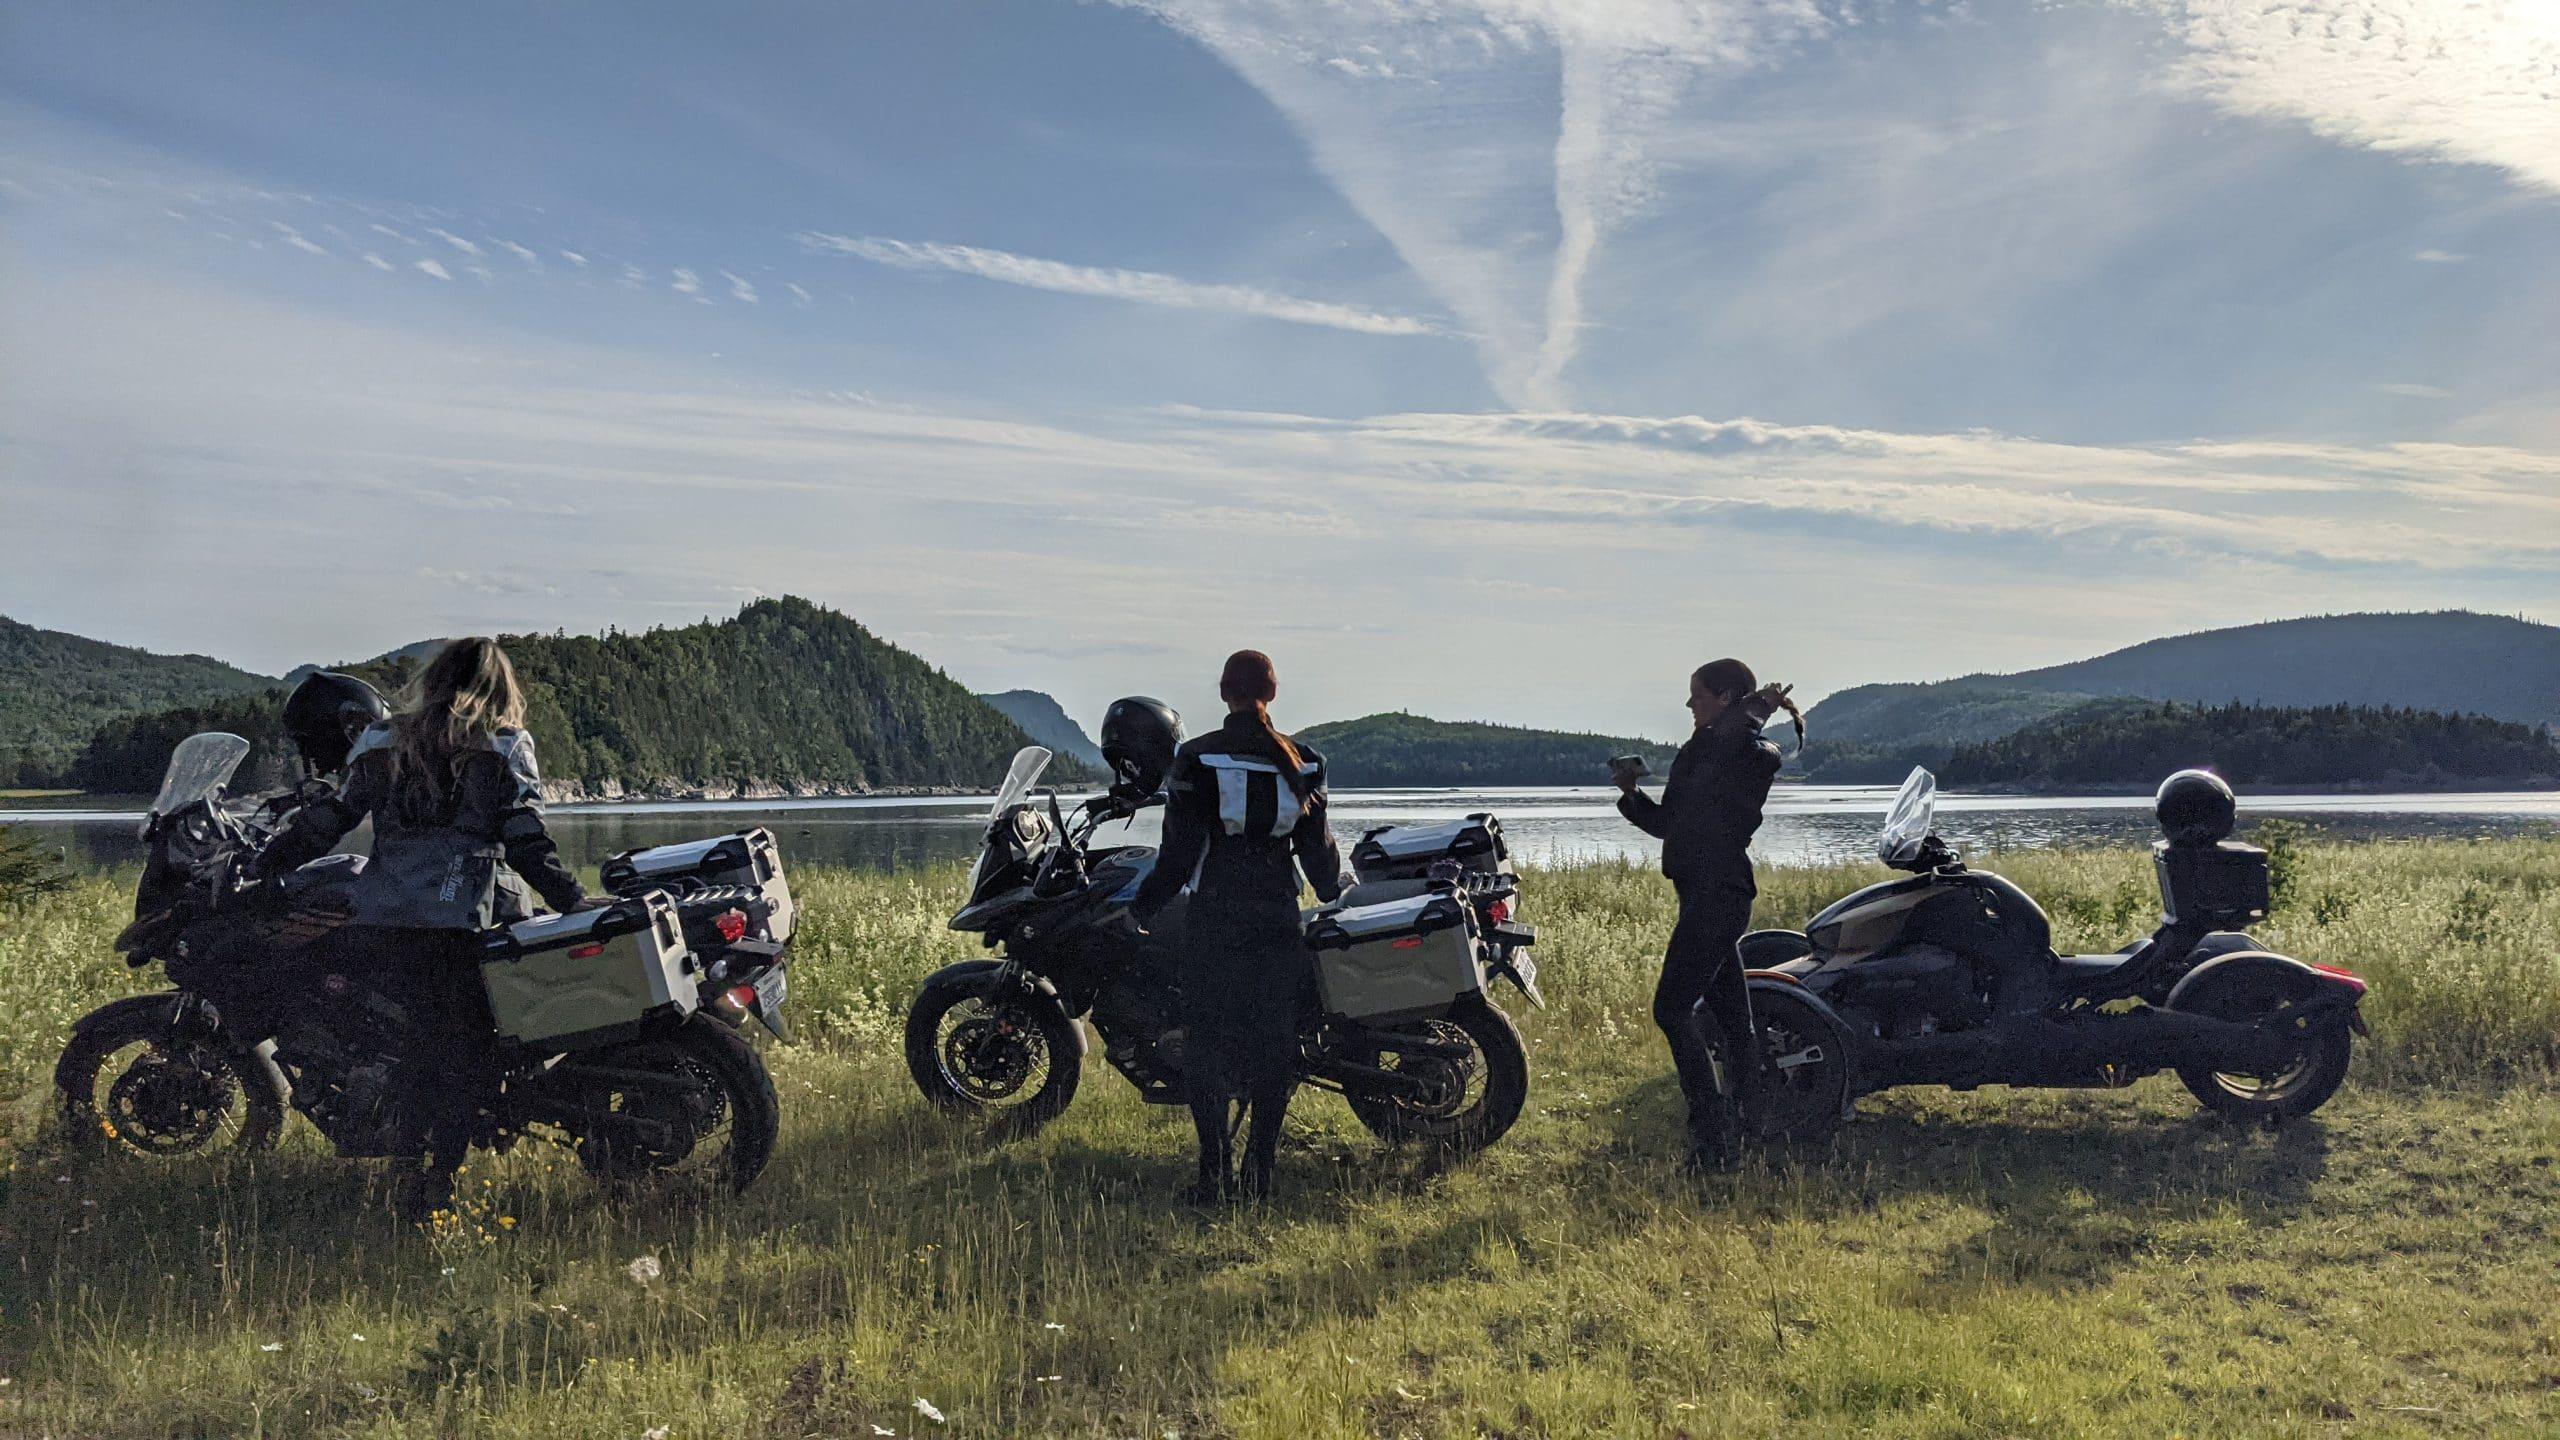 Les bagages limitées à moto